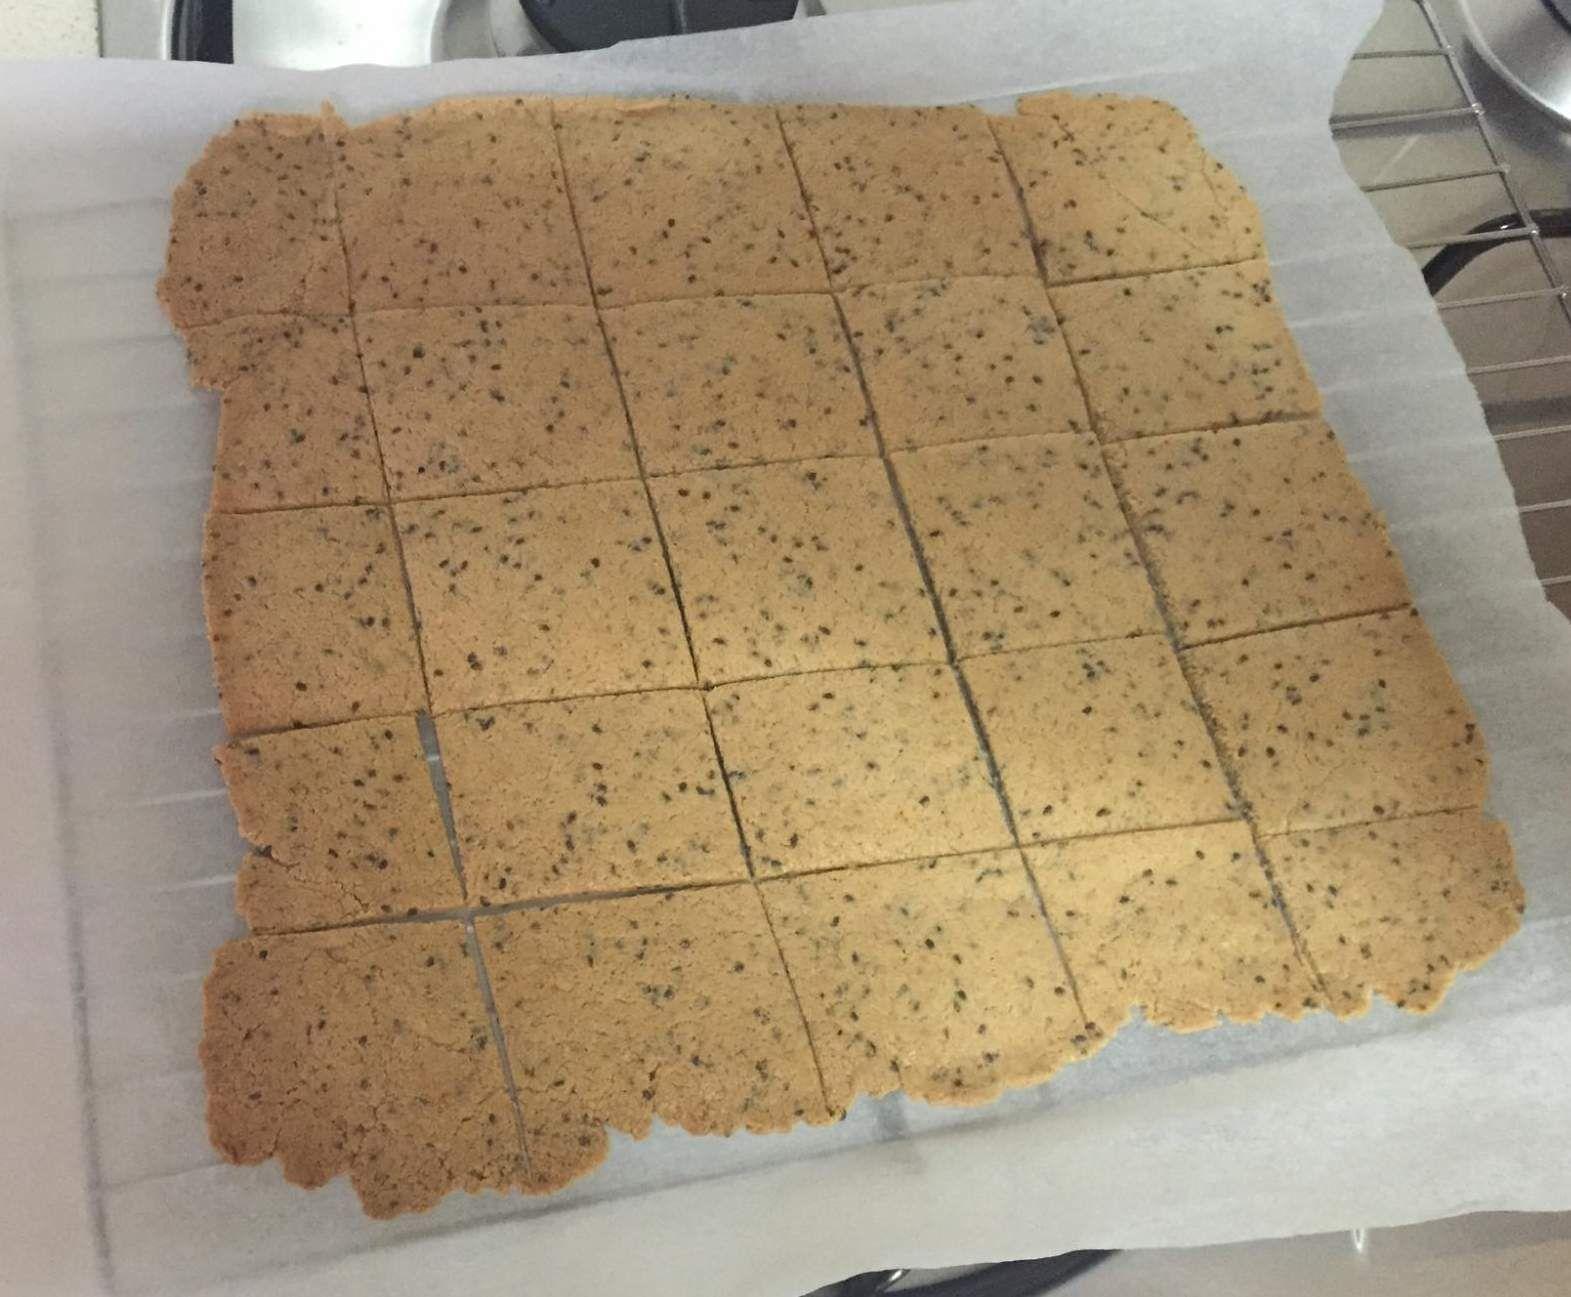 Keto Cake Recipe Thermomix: Recipe Clone Of Almond Crackers (grain Free) By Me.walton